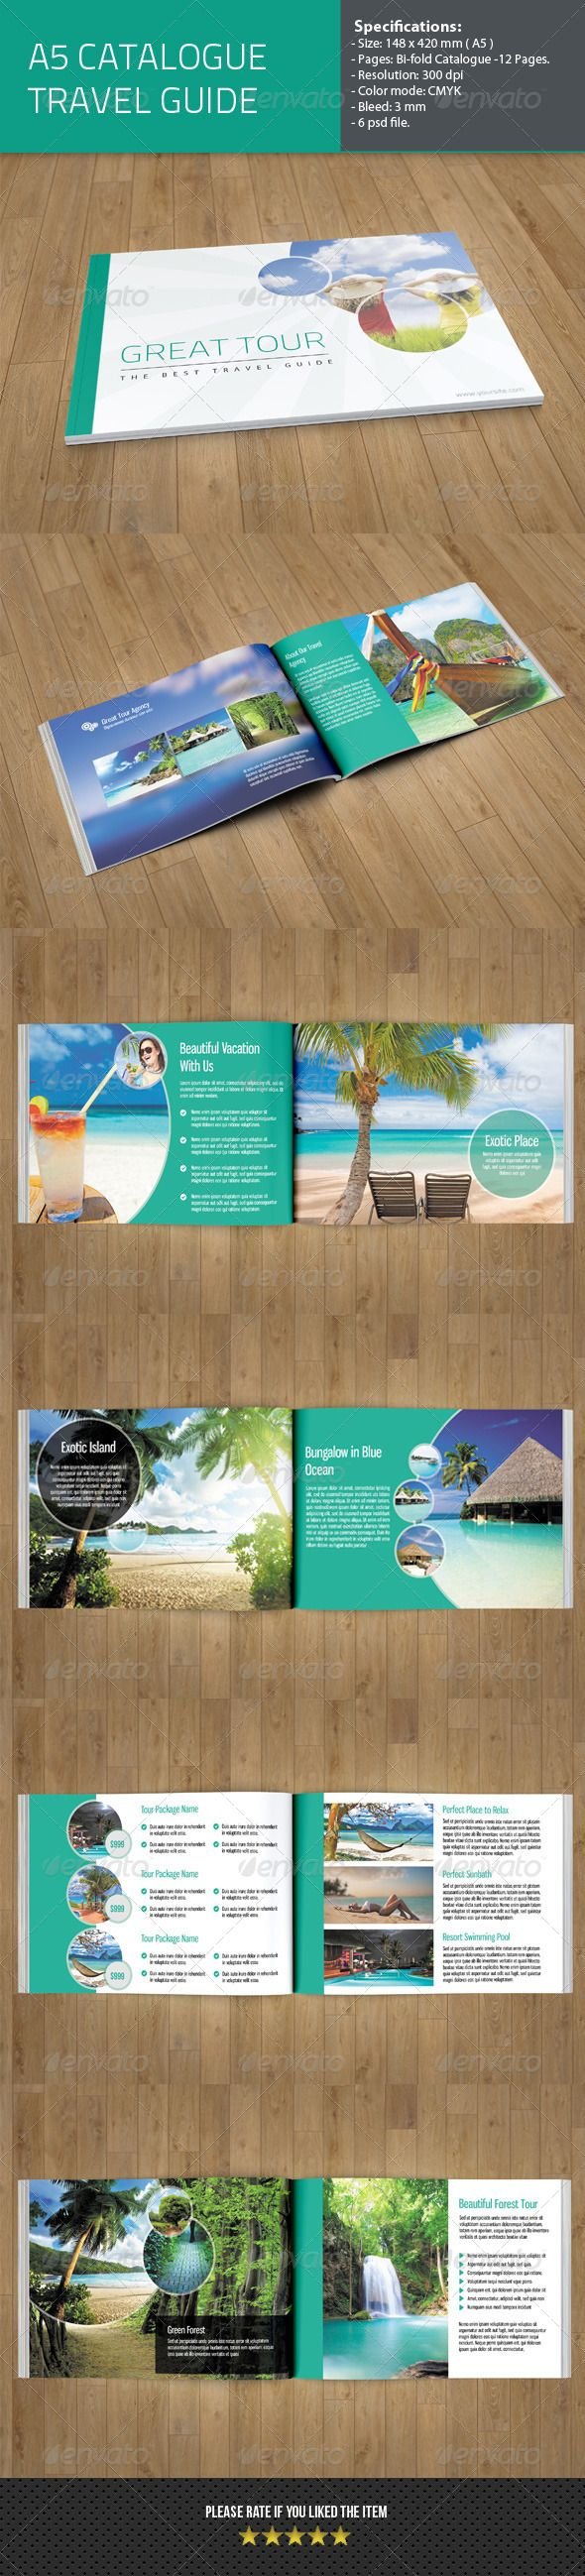 Travel Guide Catalog